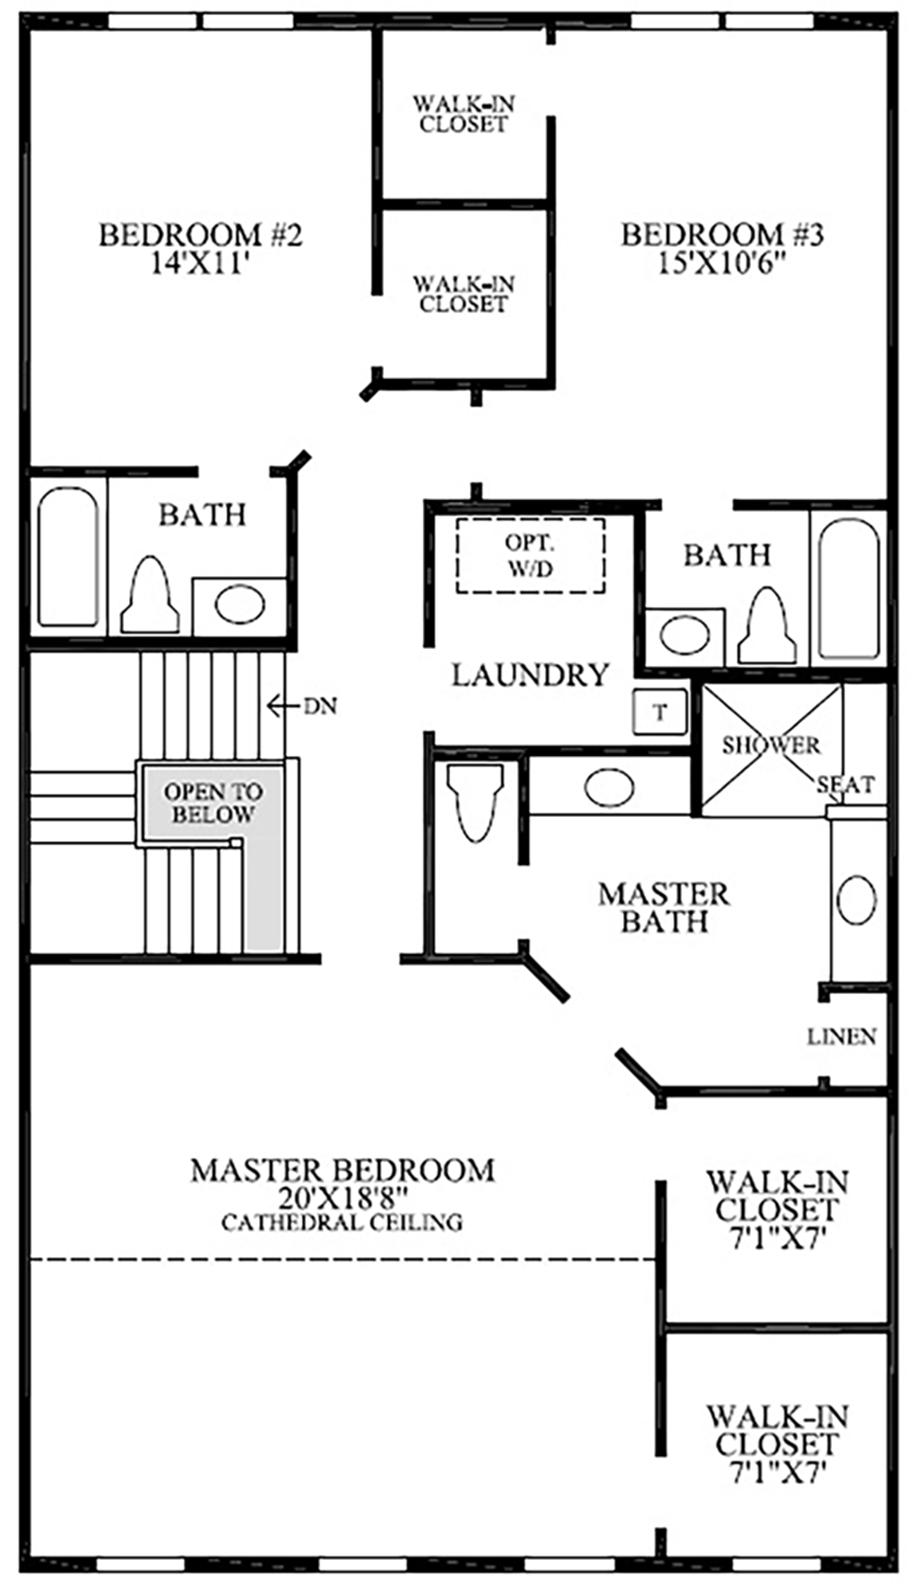 Additional Bath Floor Plan